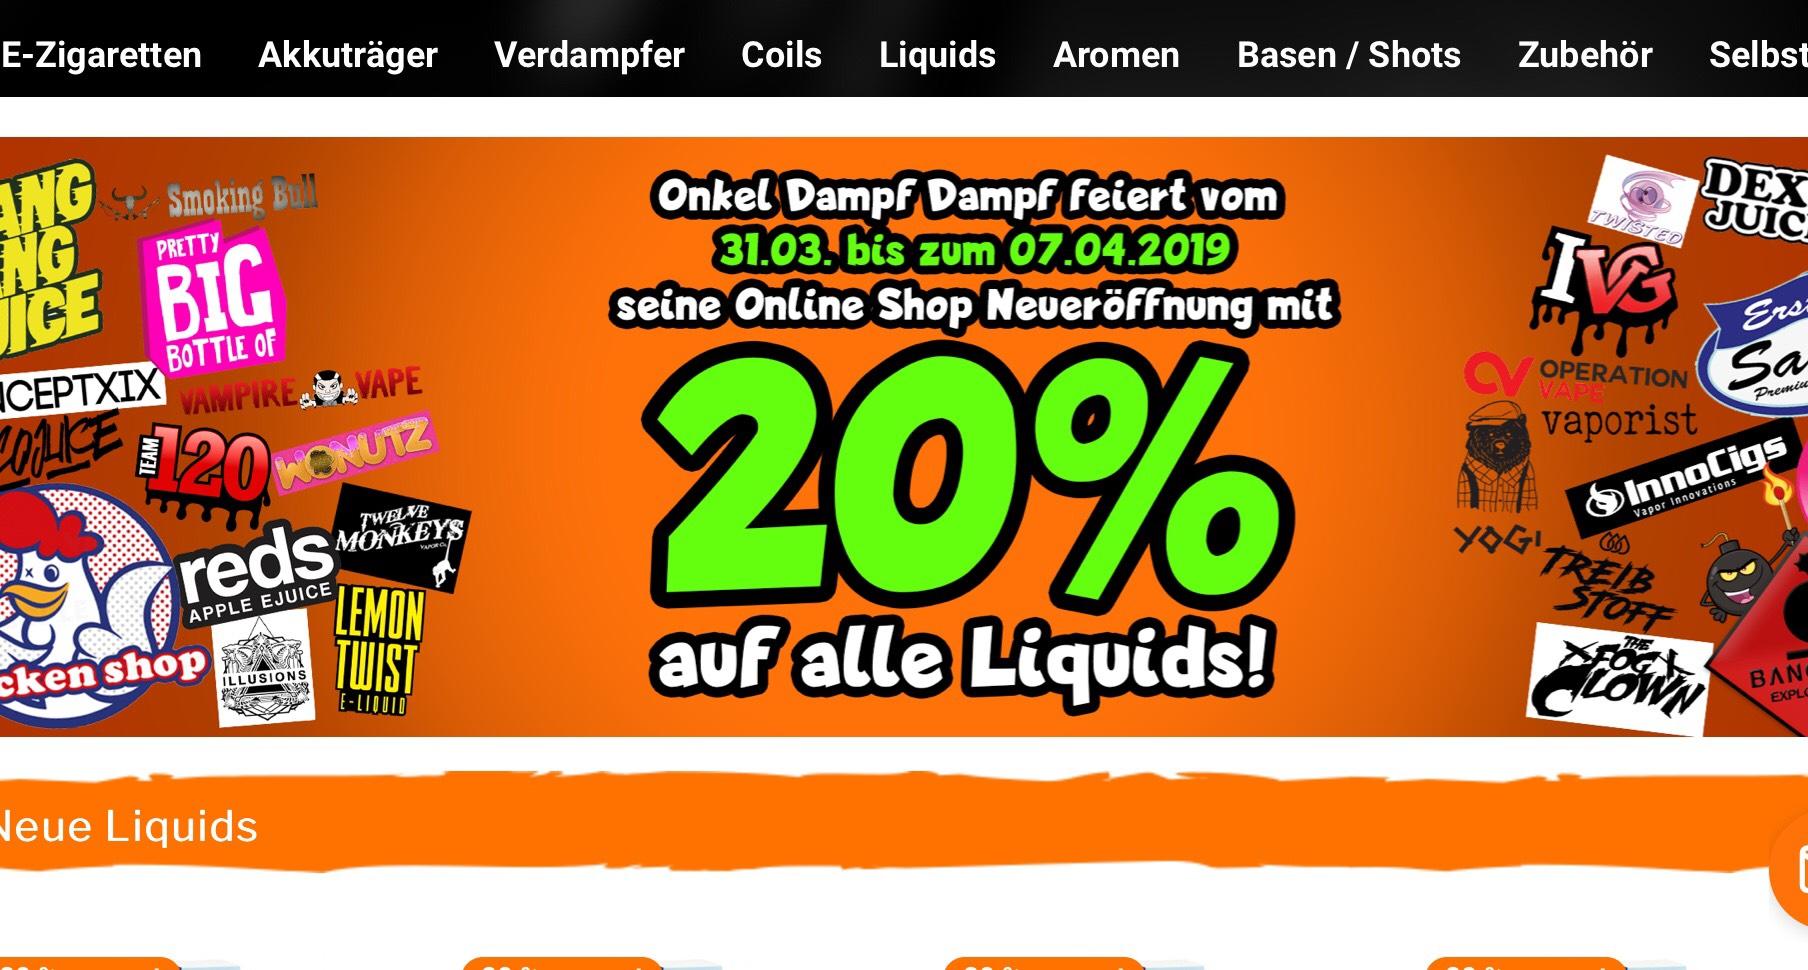 [ Aktion verlängert ] 20% Prozent auf alle Liquids, 15% Prozent auf alle Aromen [ onkeldampfdampf.de ]